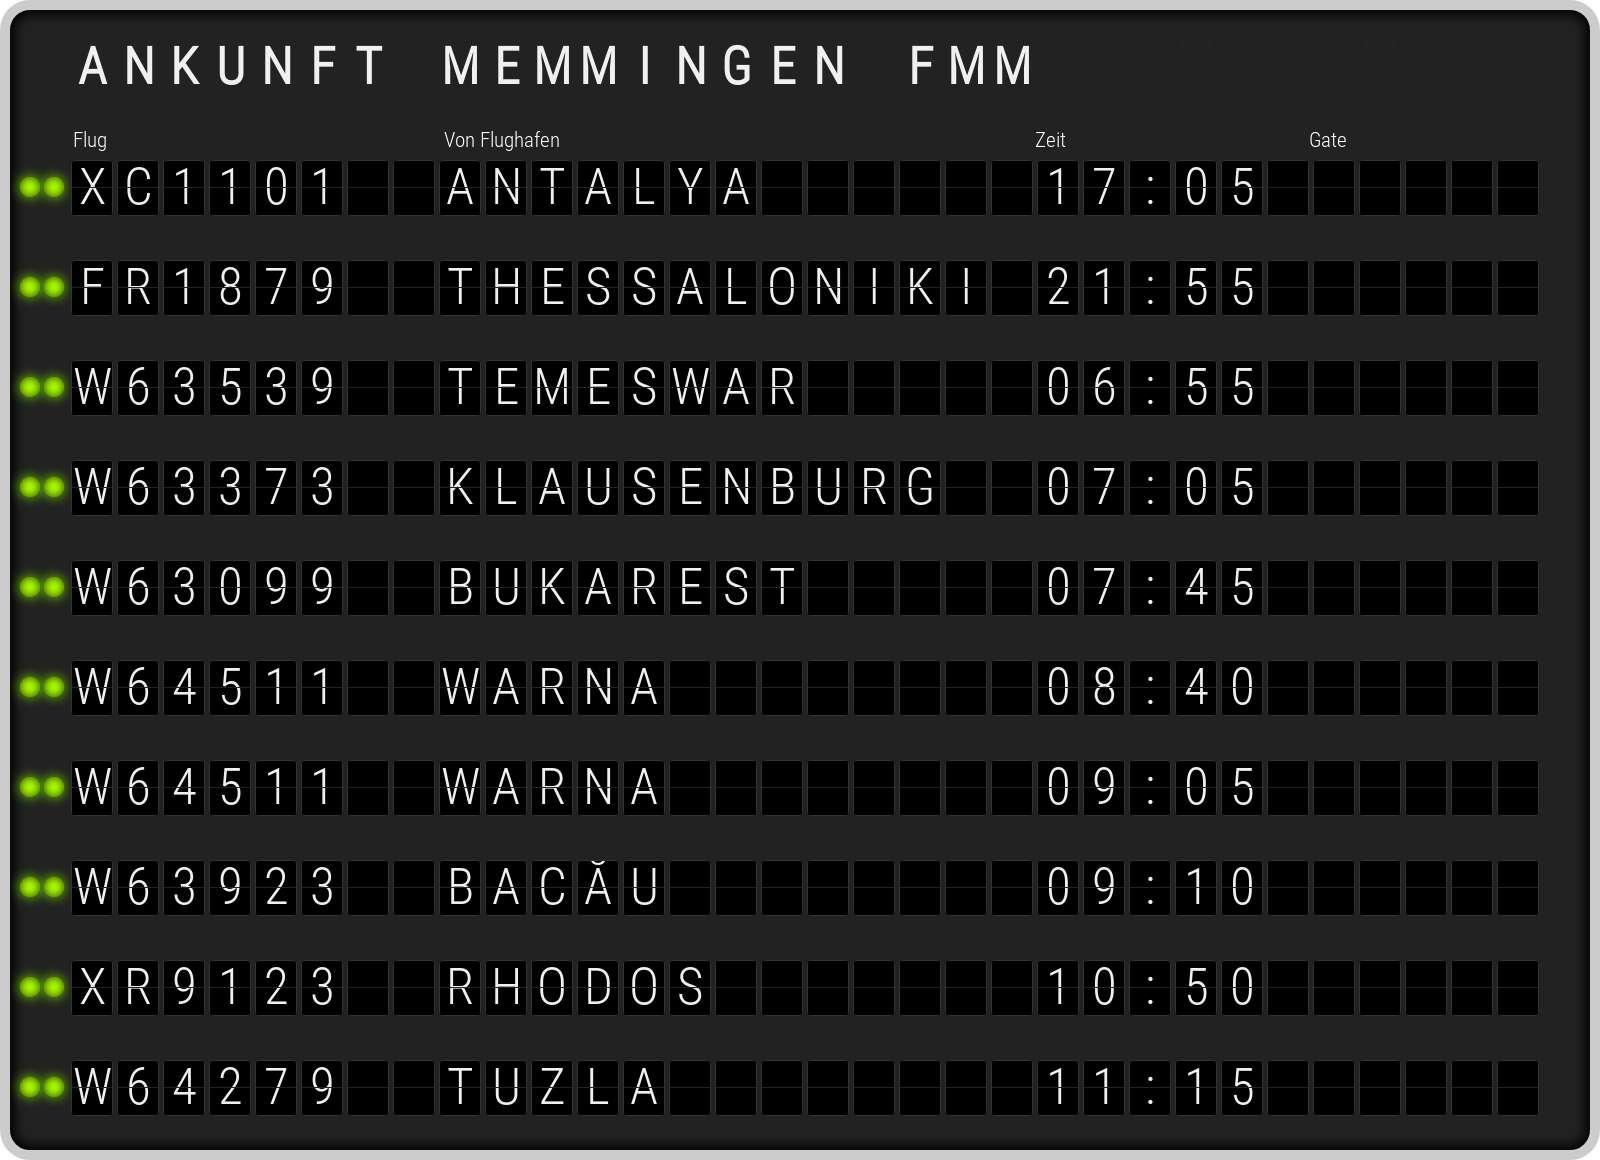 Memmingen Ankunft FMM. Aktuelle Ankunftszeiten am Flughafen Memmingen